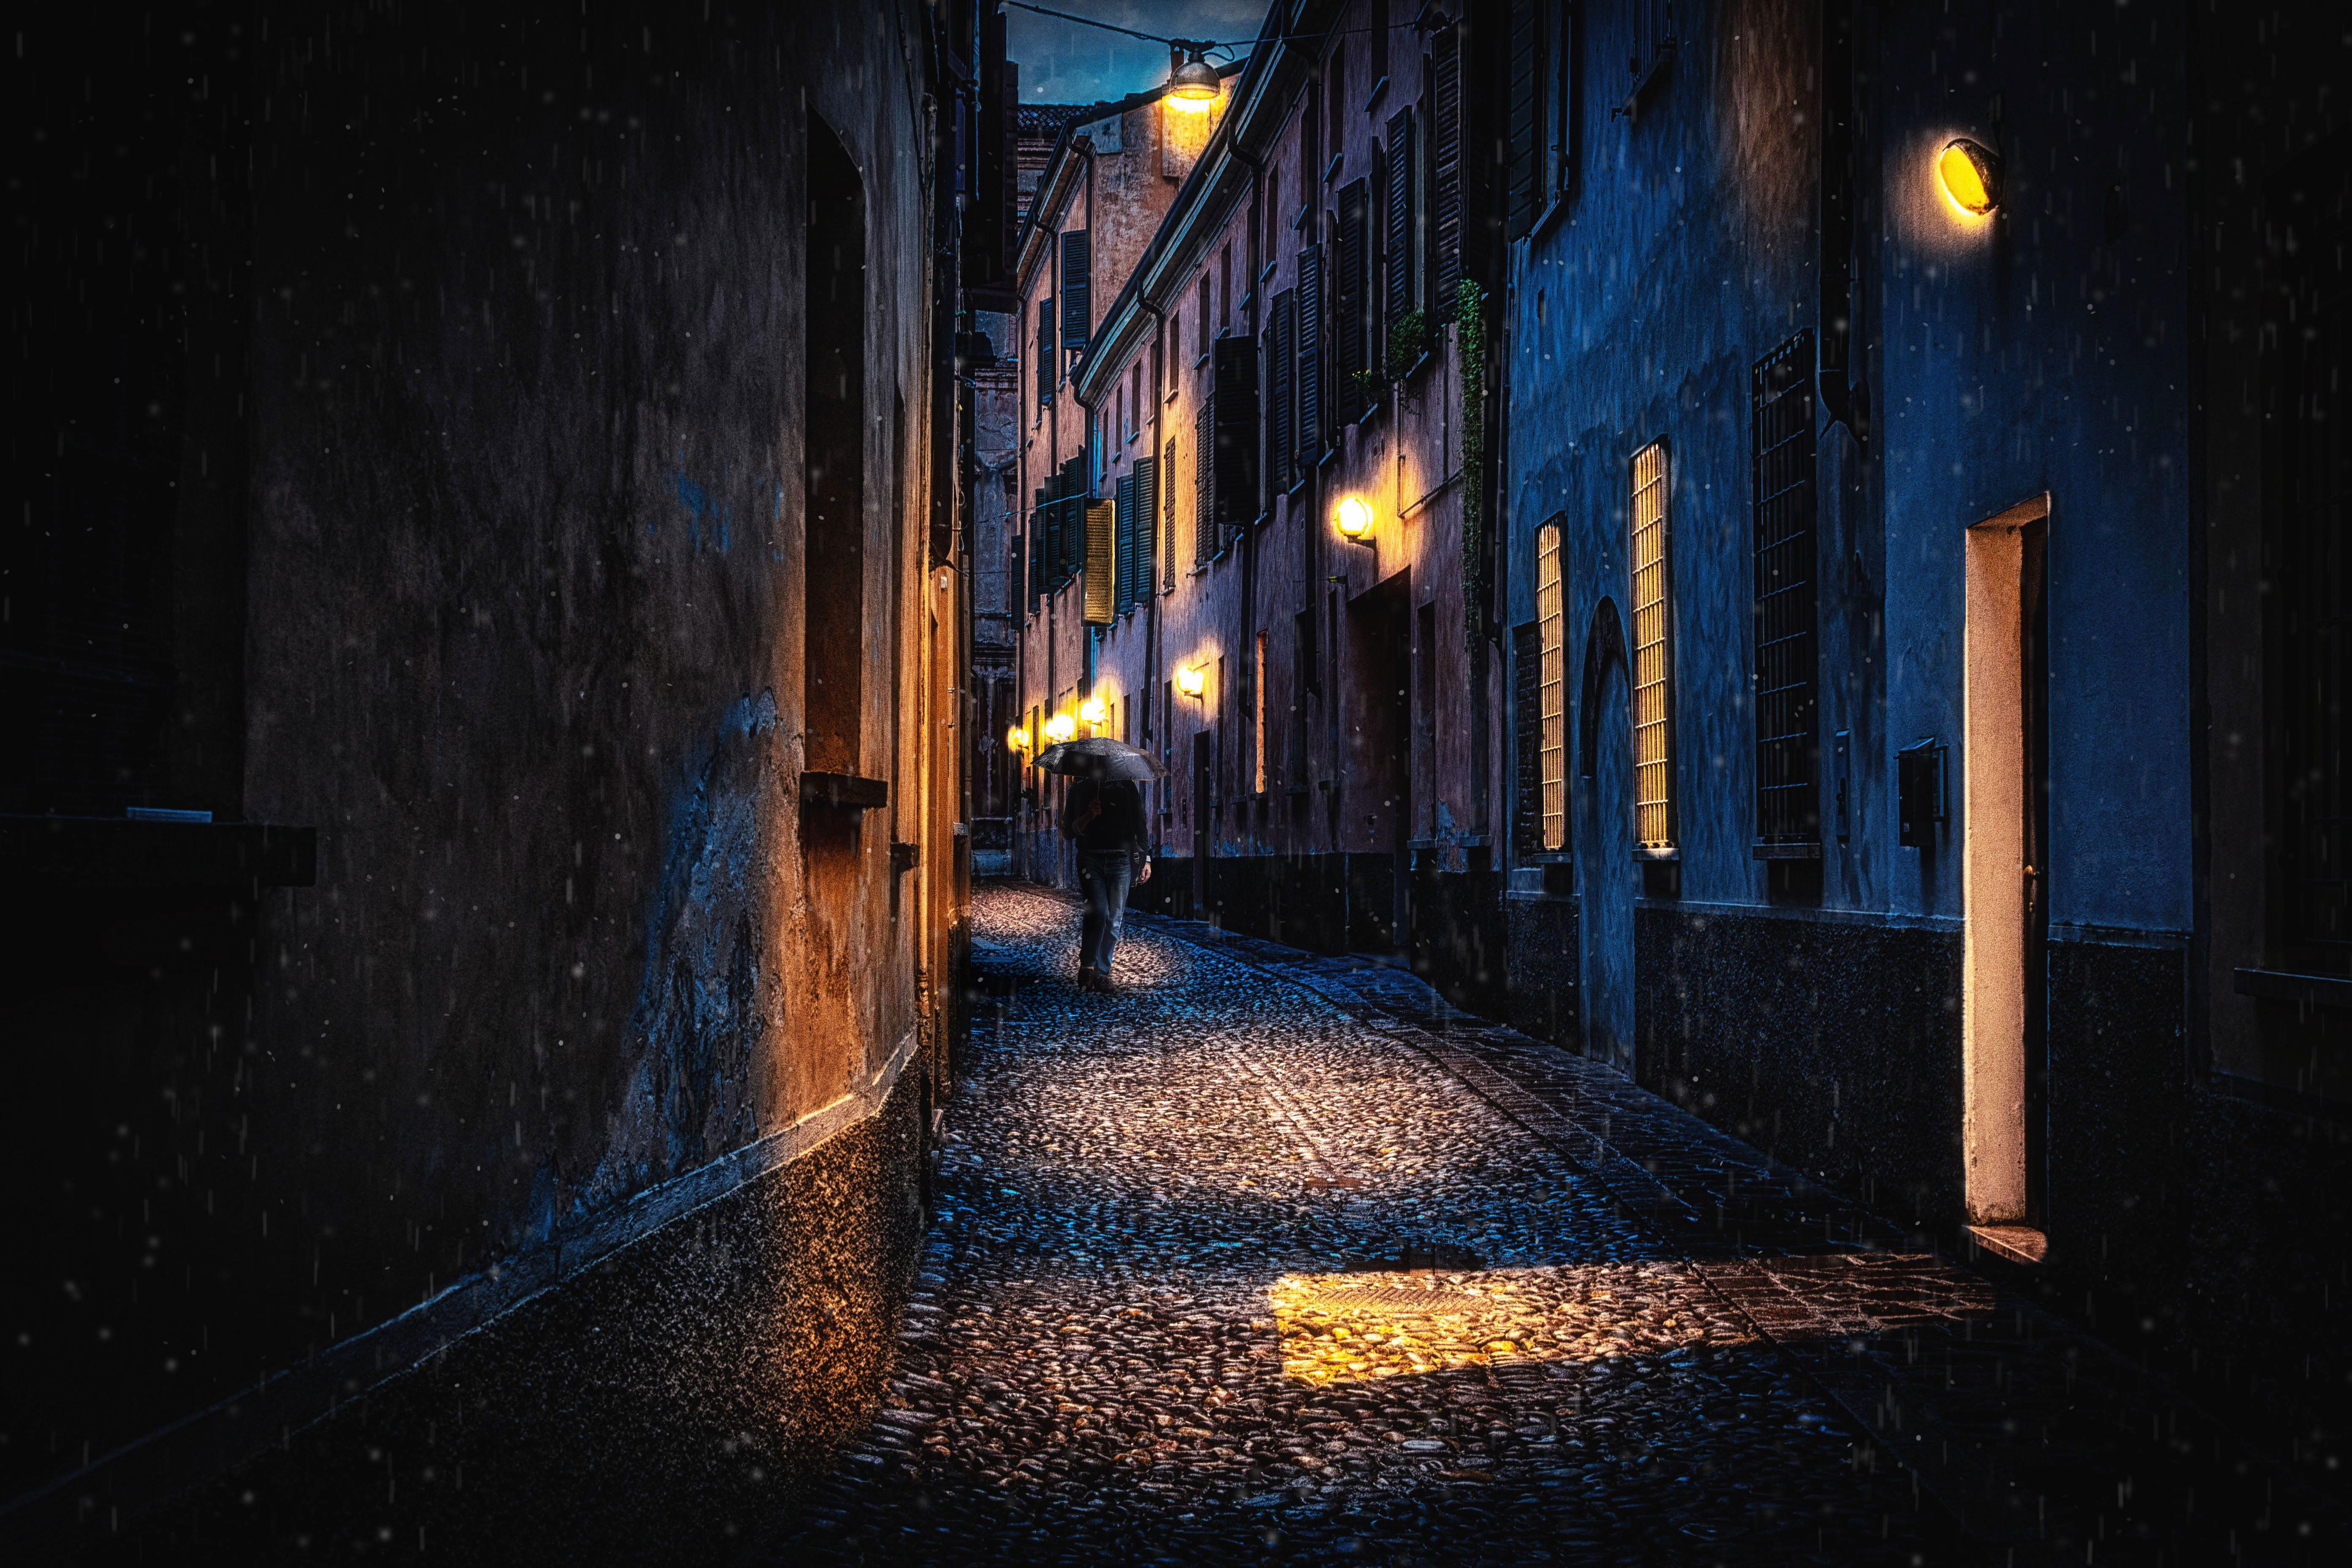 Solo nella notte di Matteo Masini